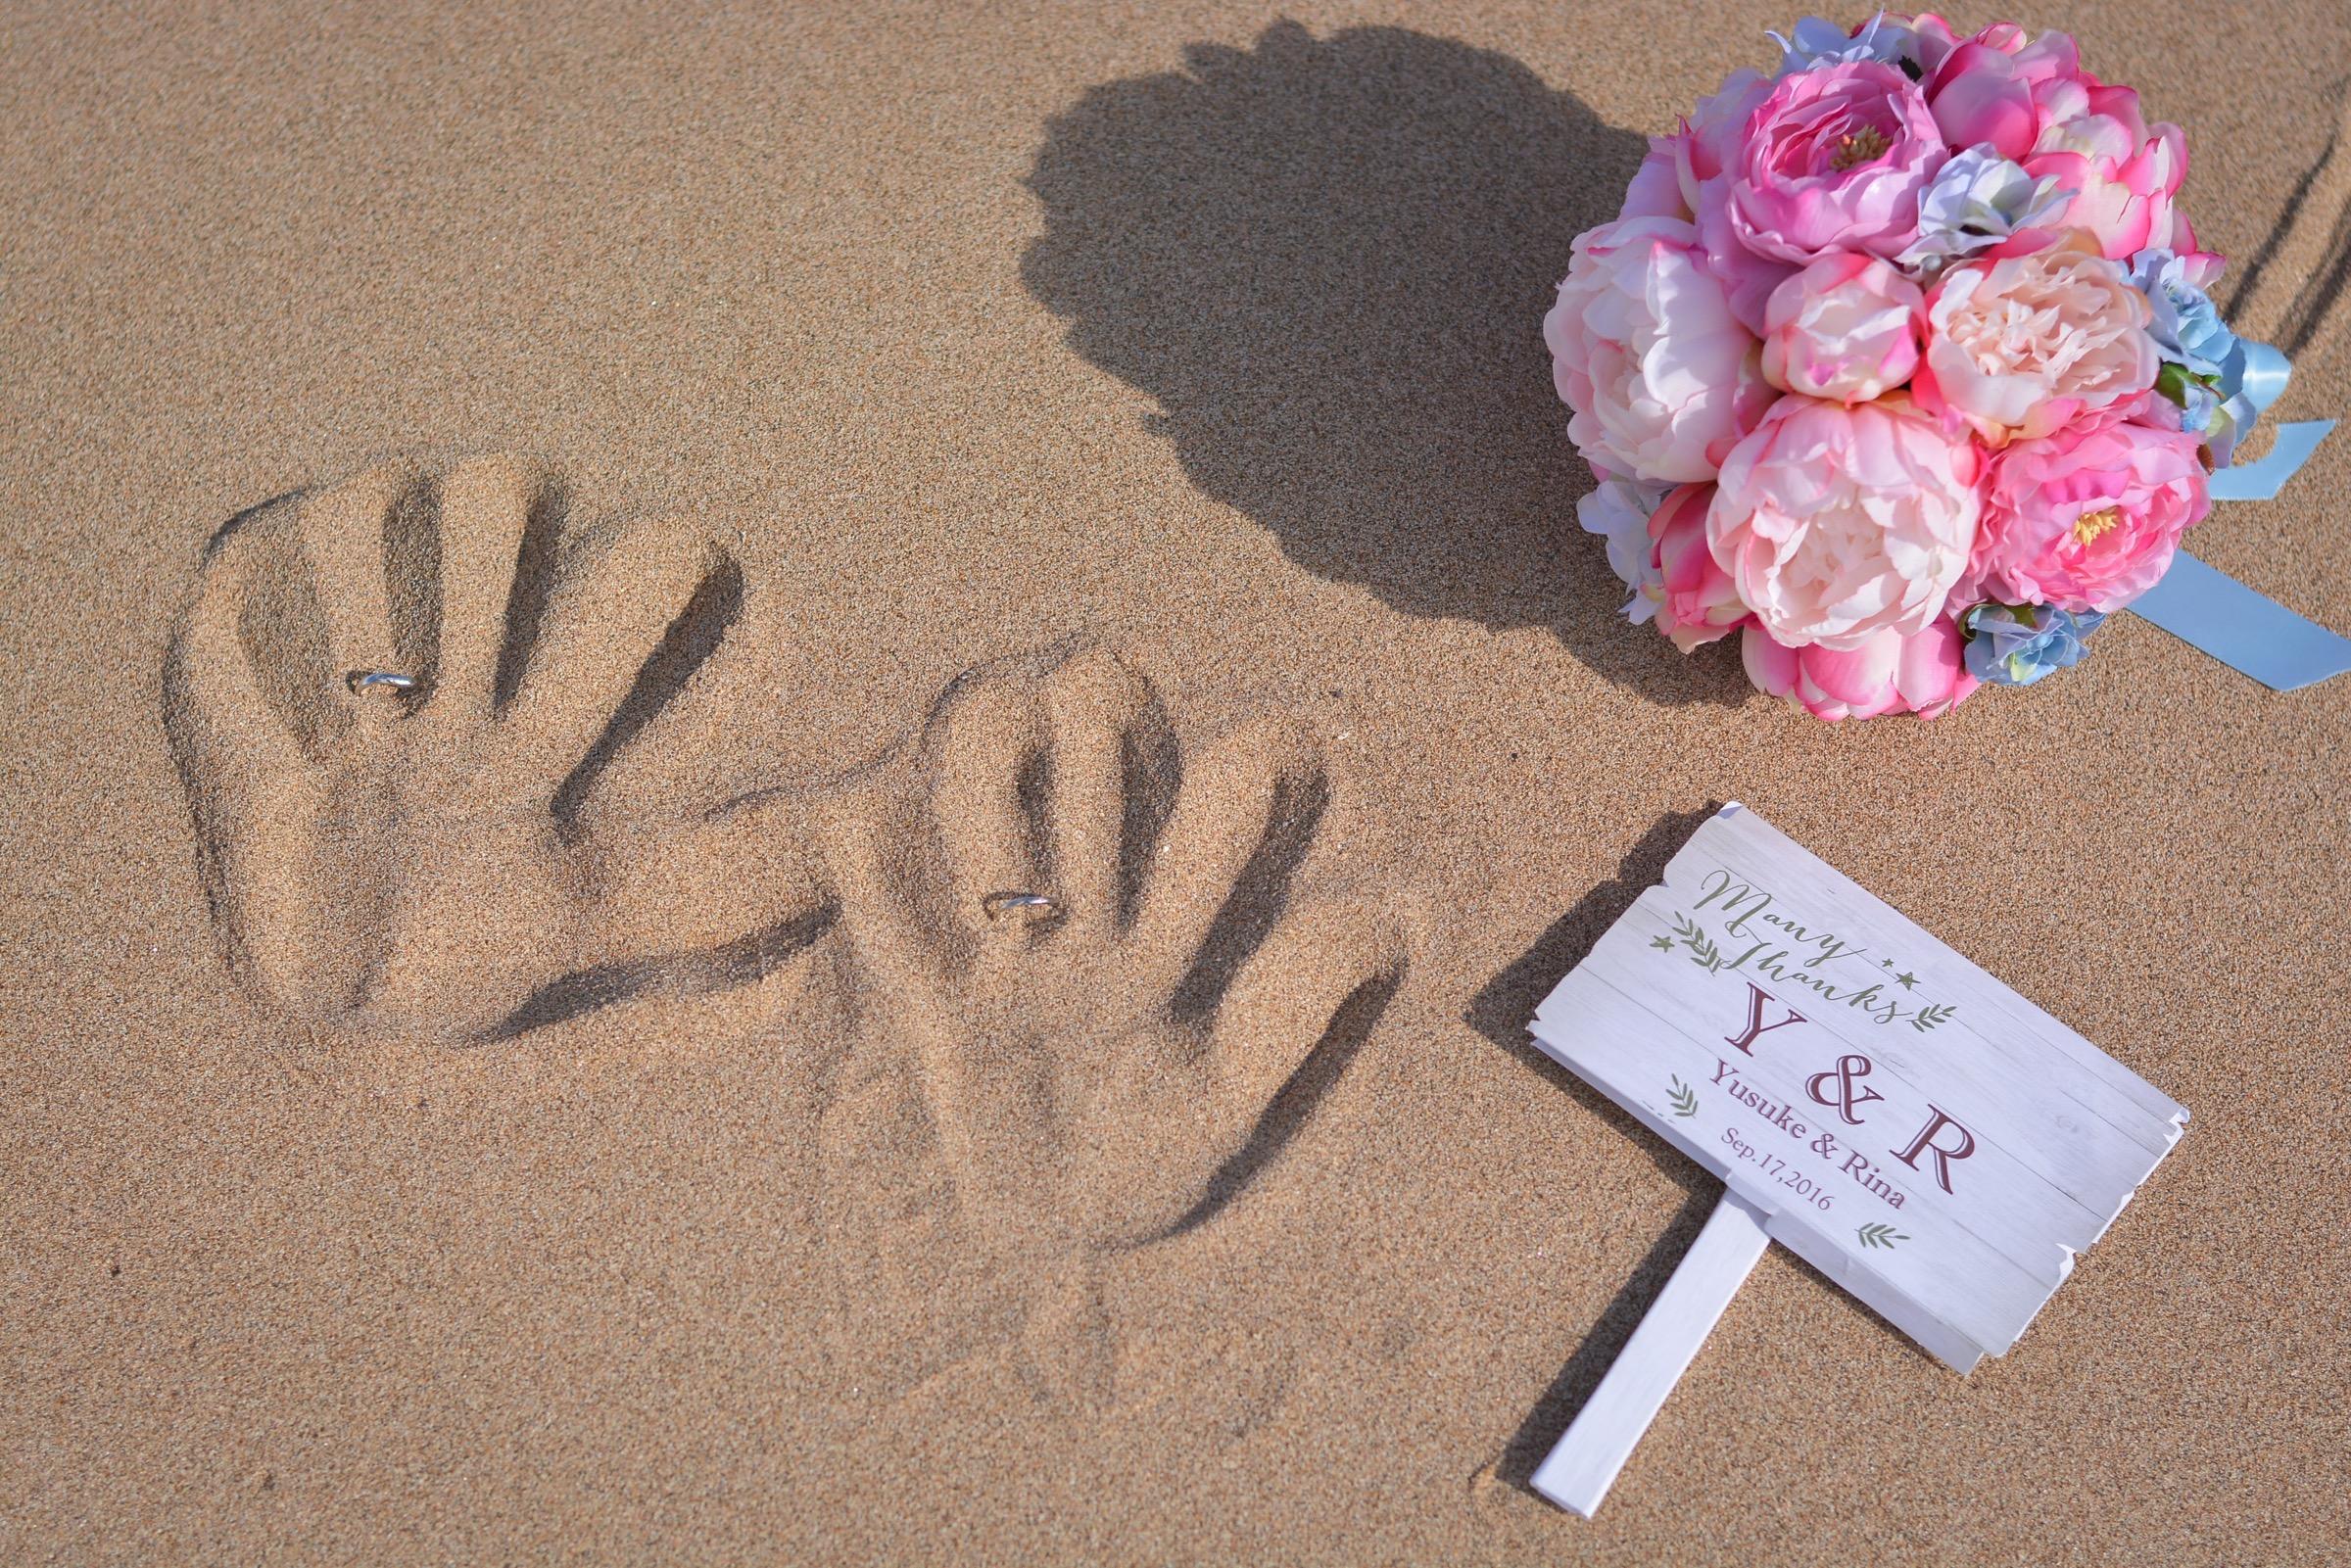 砂に手形と指輪をさして